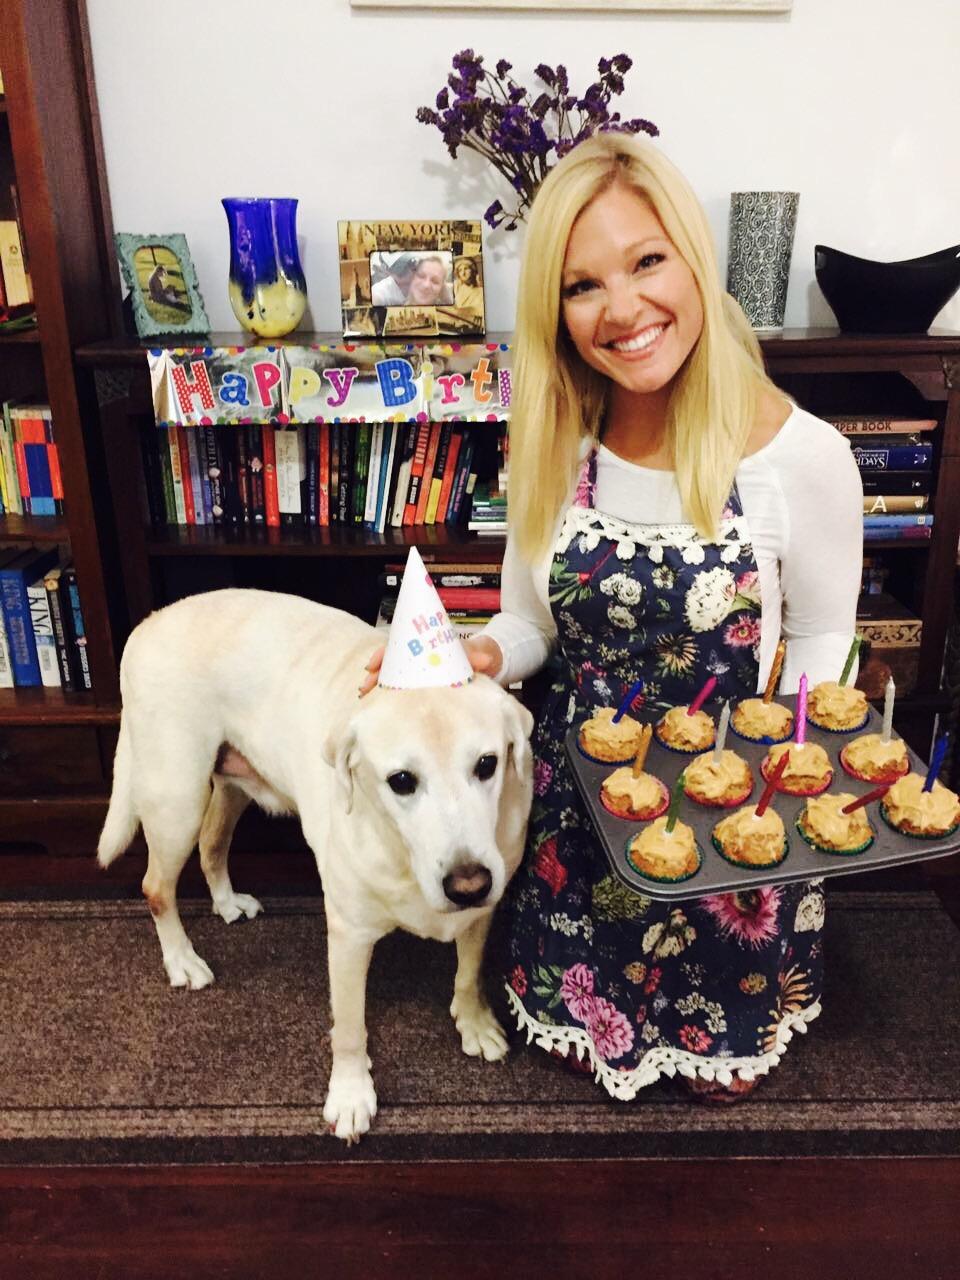 Anna Kooiman Sir Baxter Bear AnnaKooiman.com Peanut Butter Pup Cakes